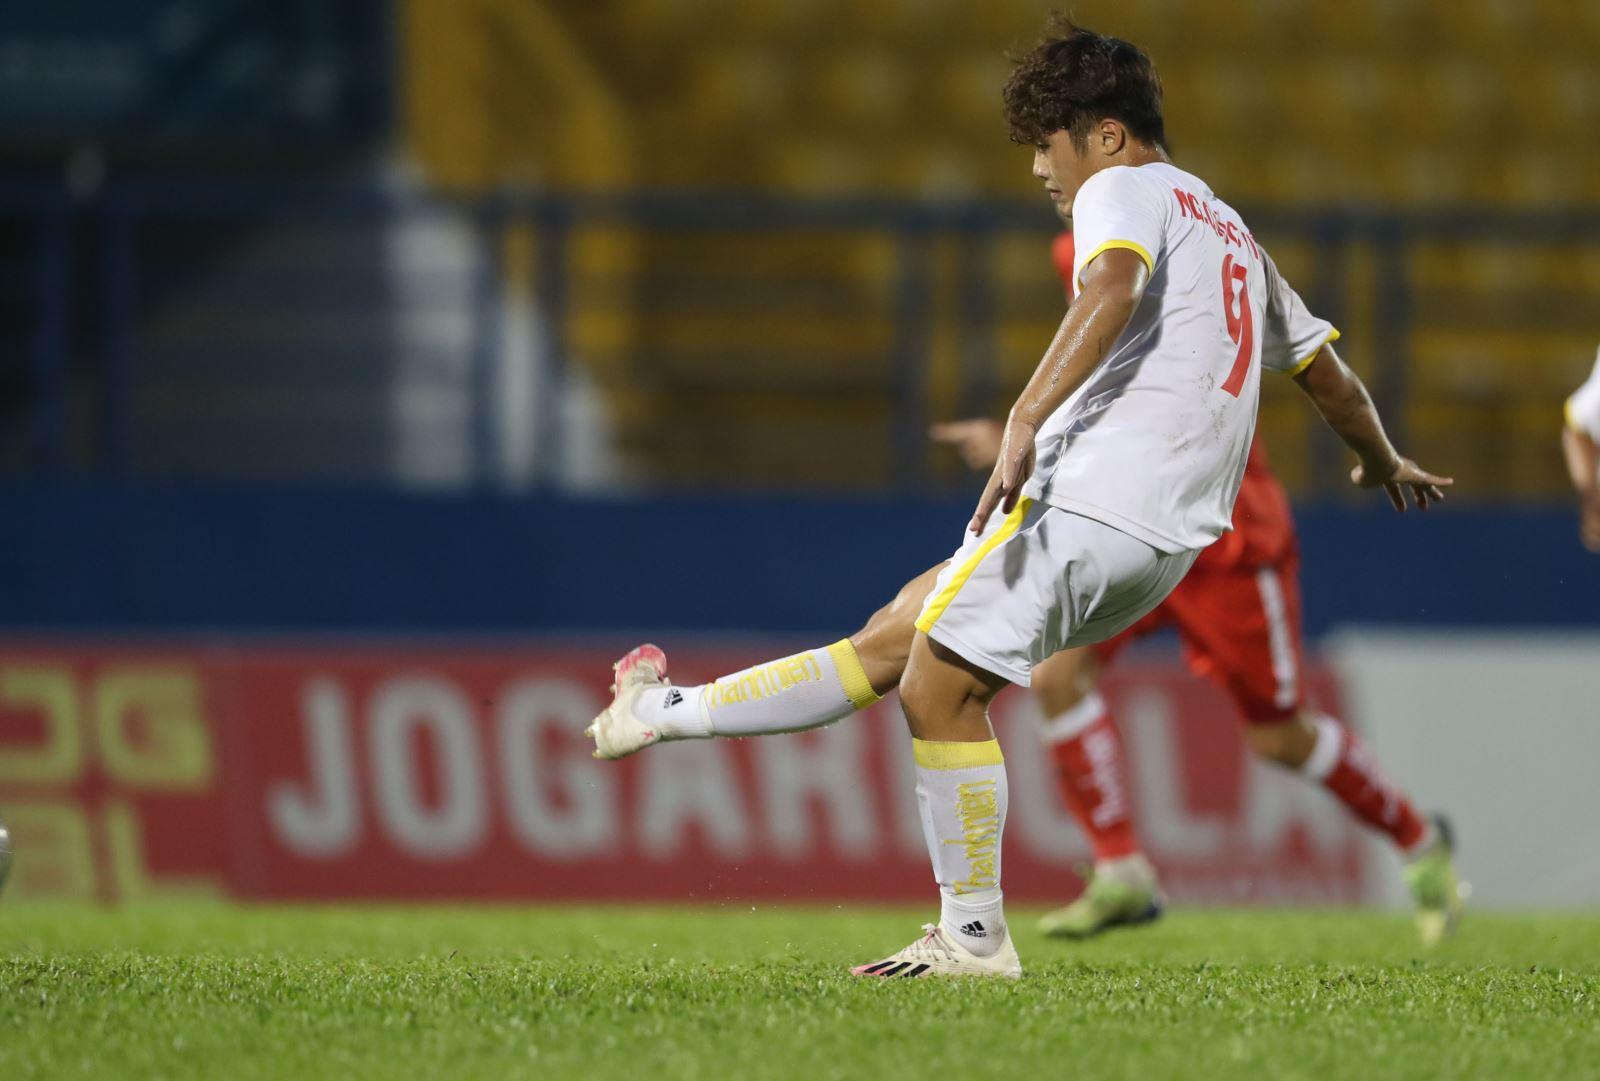 Quốc Việt với bàn thắng thứ 8 ở giải năm nay để có danh hiệu Vua phá lưới và cũng là tài năng đáng chú ý trong tương lai gần. Ảnh: Anh Đồng